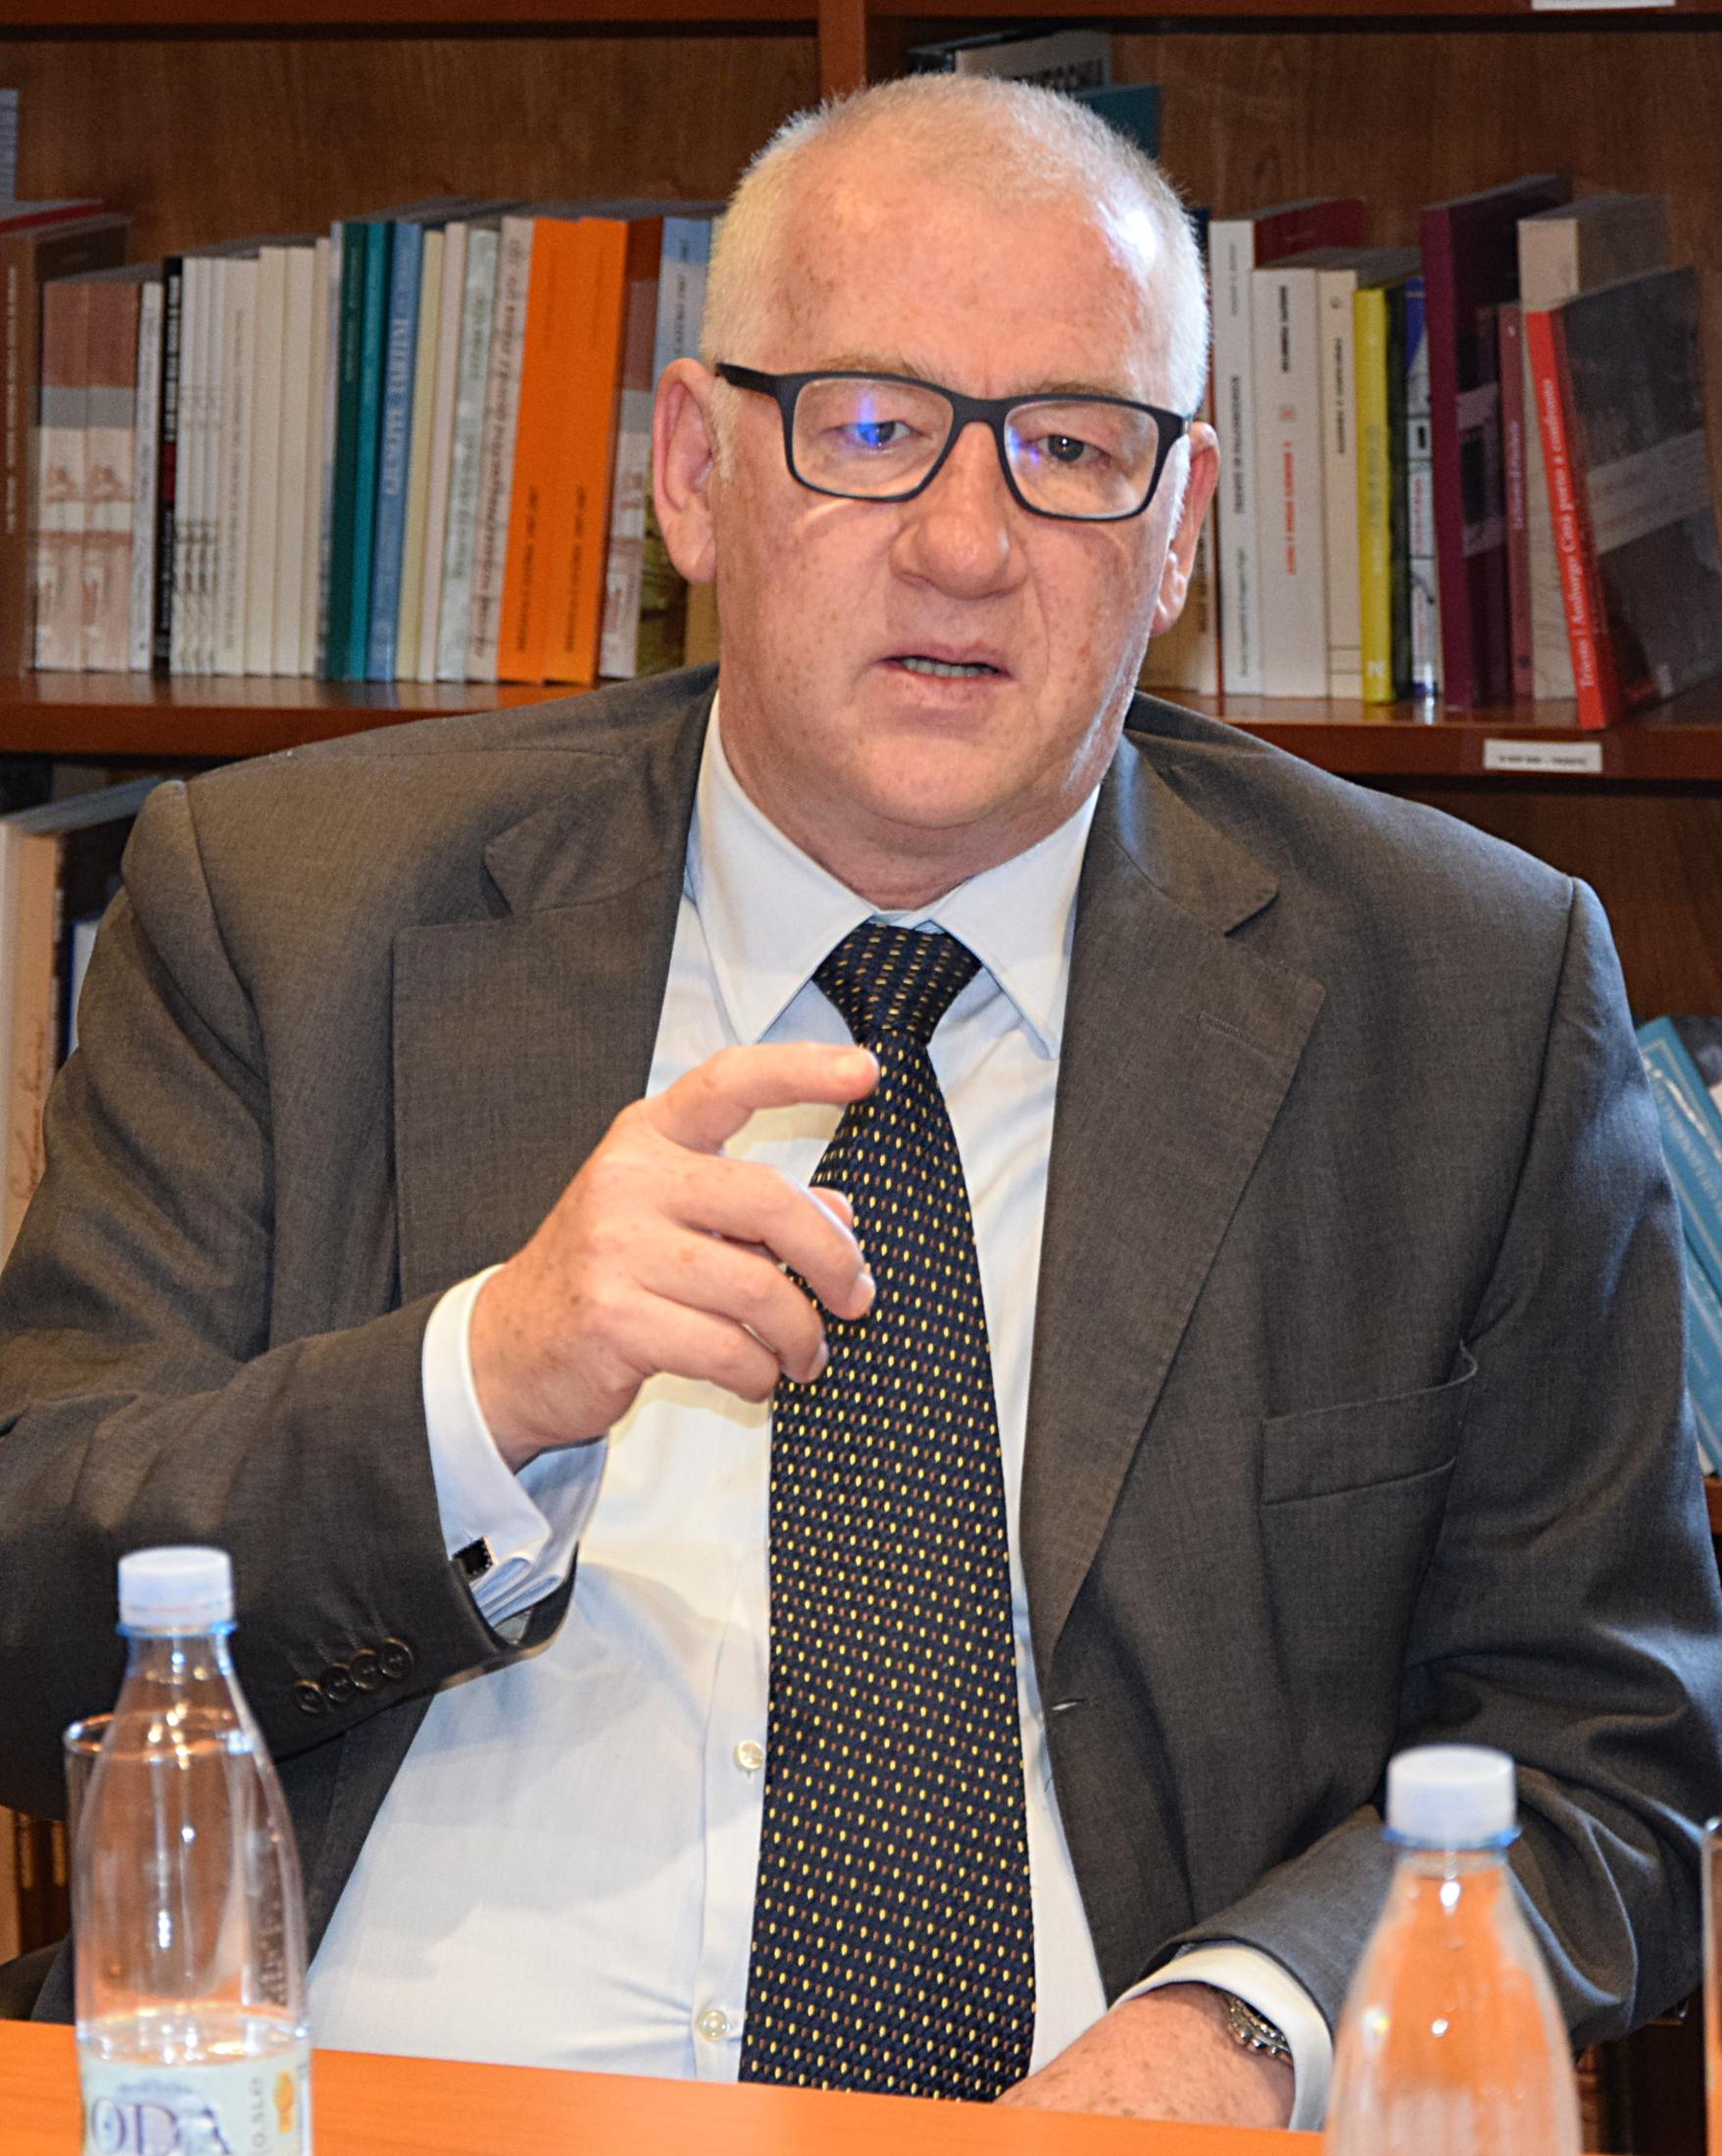 visita_onorevole_garavini_14_deputato_parlamento_sloveno_roberto_battelli